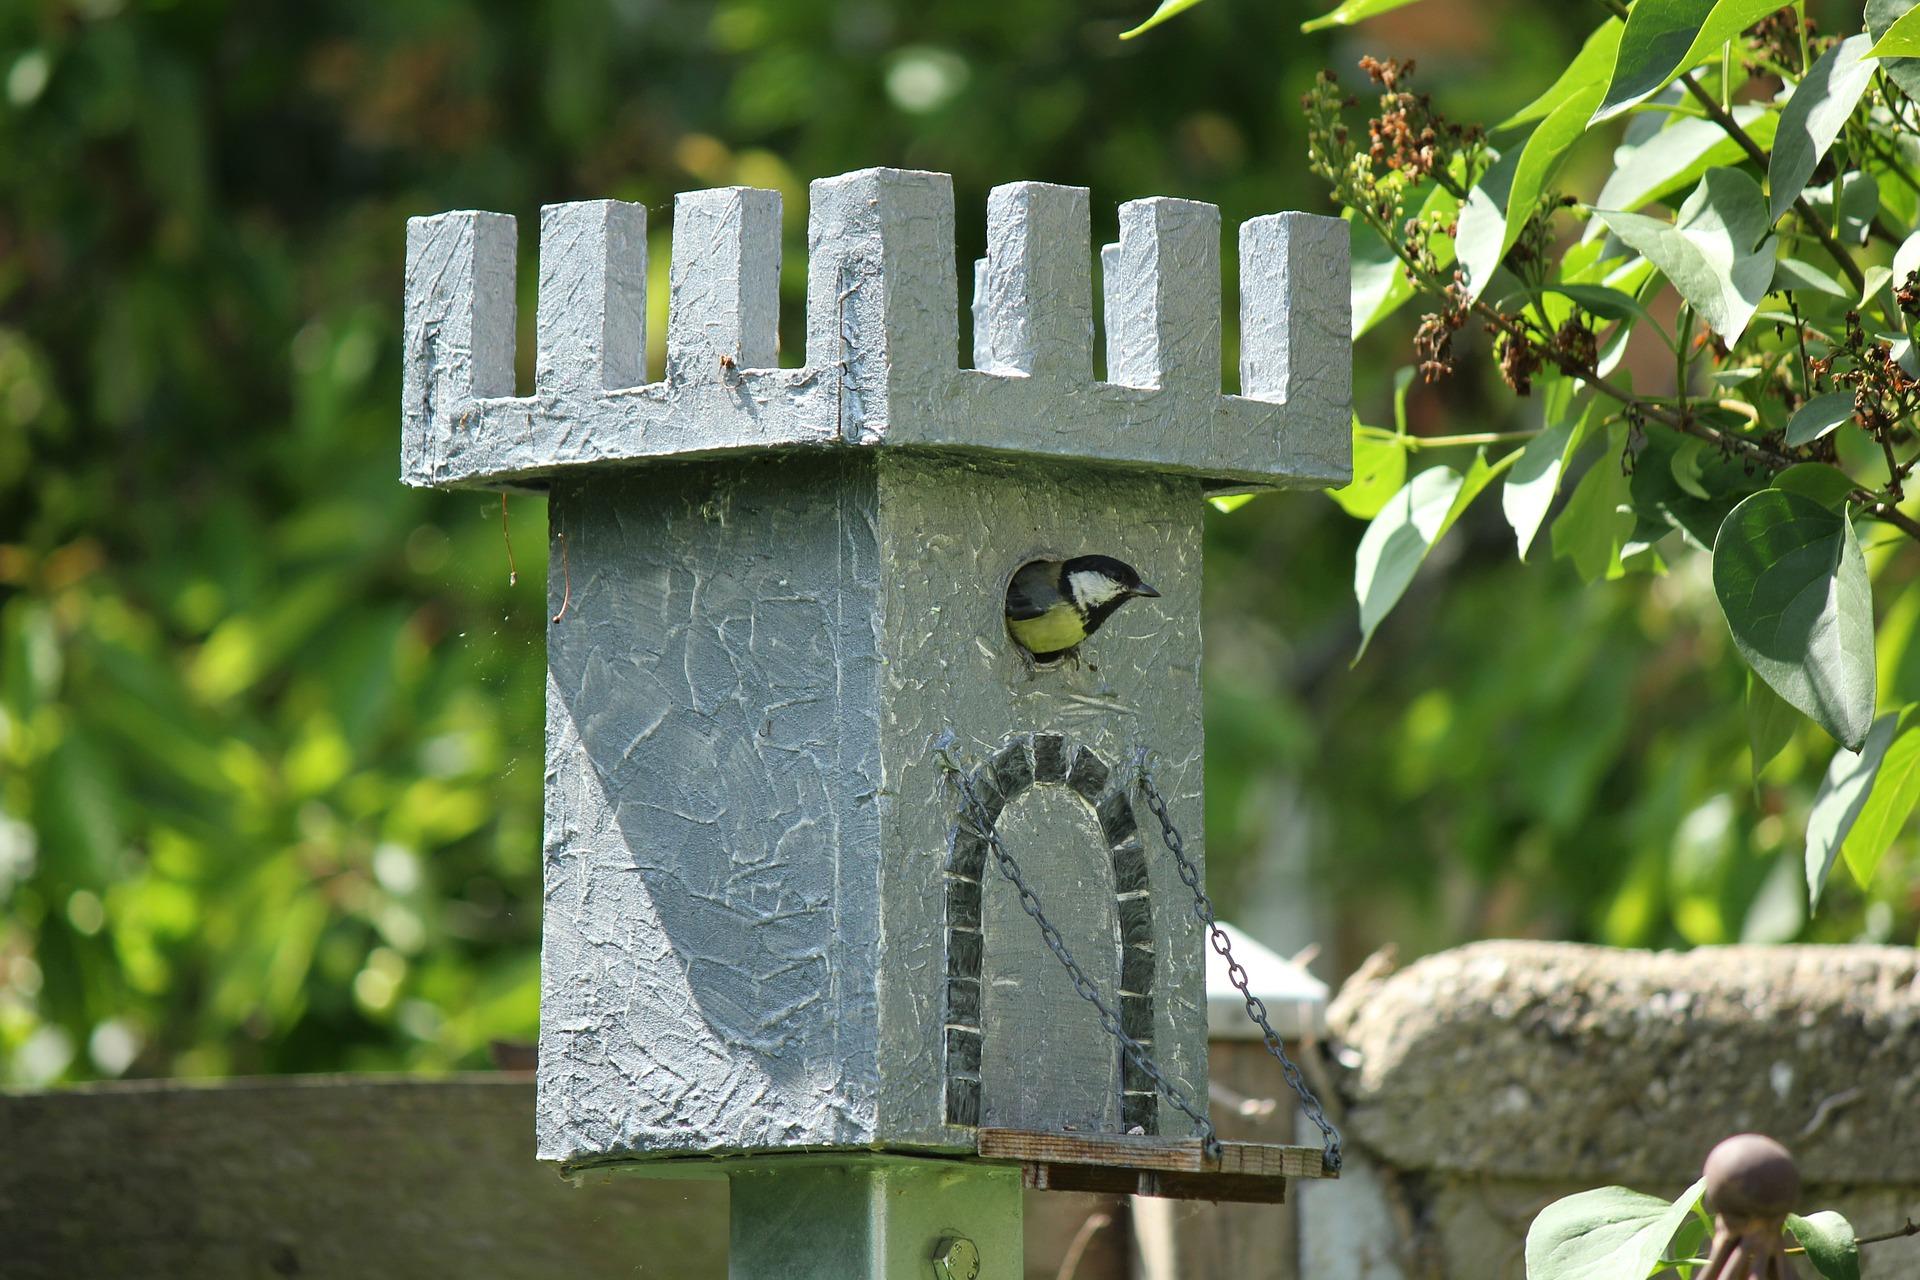 vogelhaus selber bauen lochdurchmesser vogelhaus. Black Bedroom Furniture Sets. Home Design Ideas